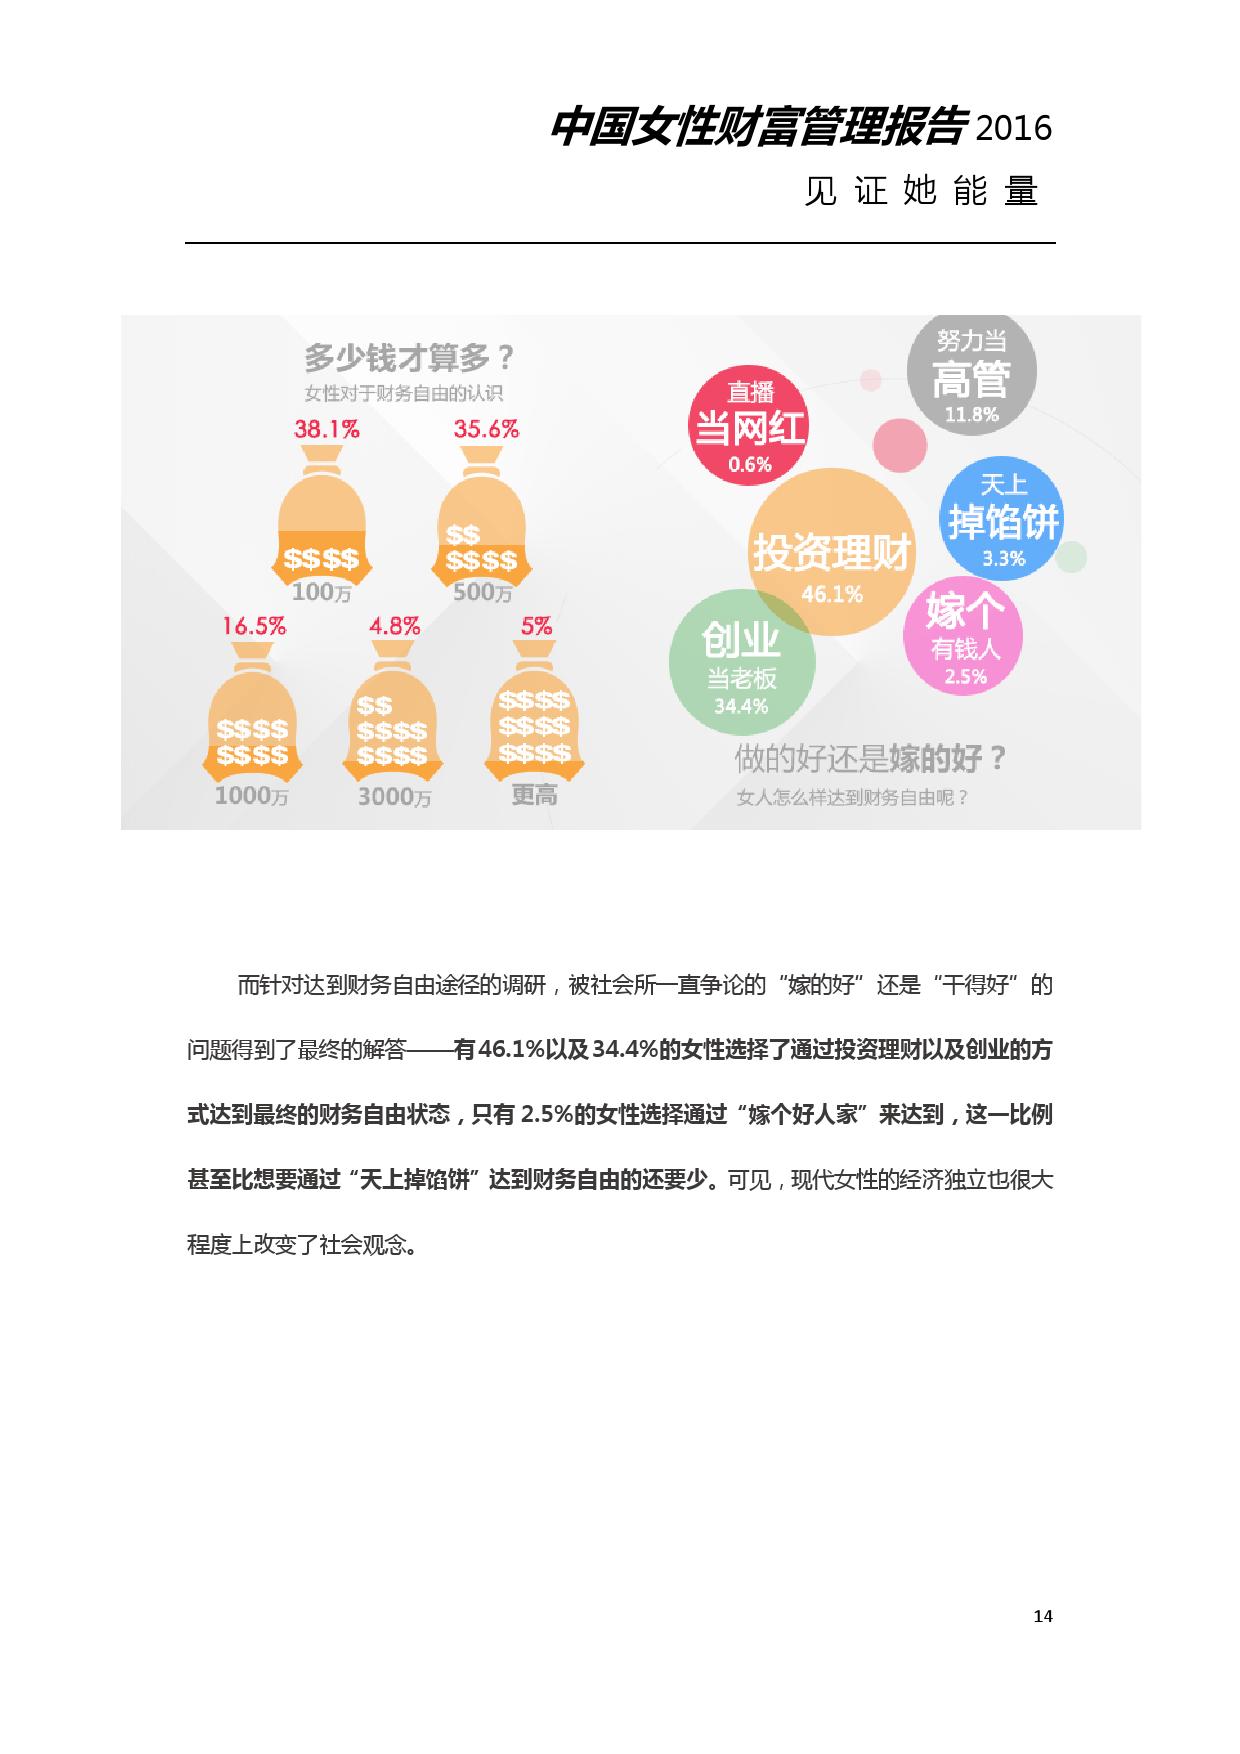 2016年中国女性财富管理报告_000014